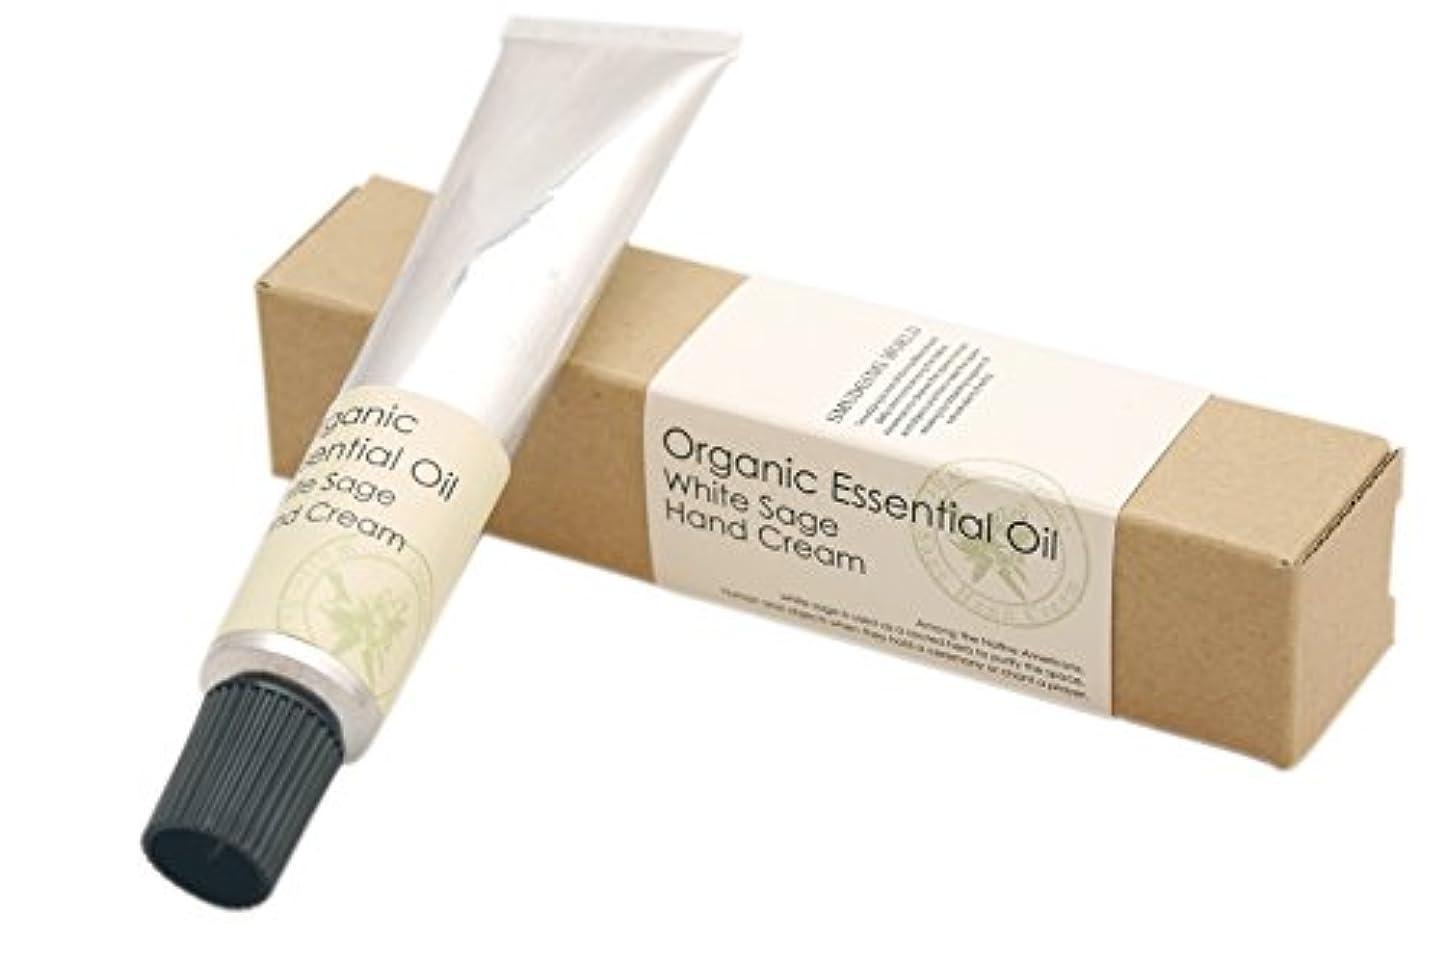 それから永久始まりアロマレコルト ハンドクリーム ホワイトセージ 【White Sage】 オーガニック エッセンシャルオイル organic essential oil hand cream arome recolte